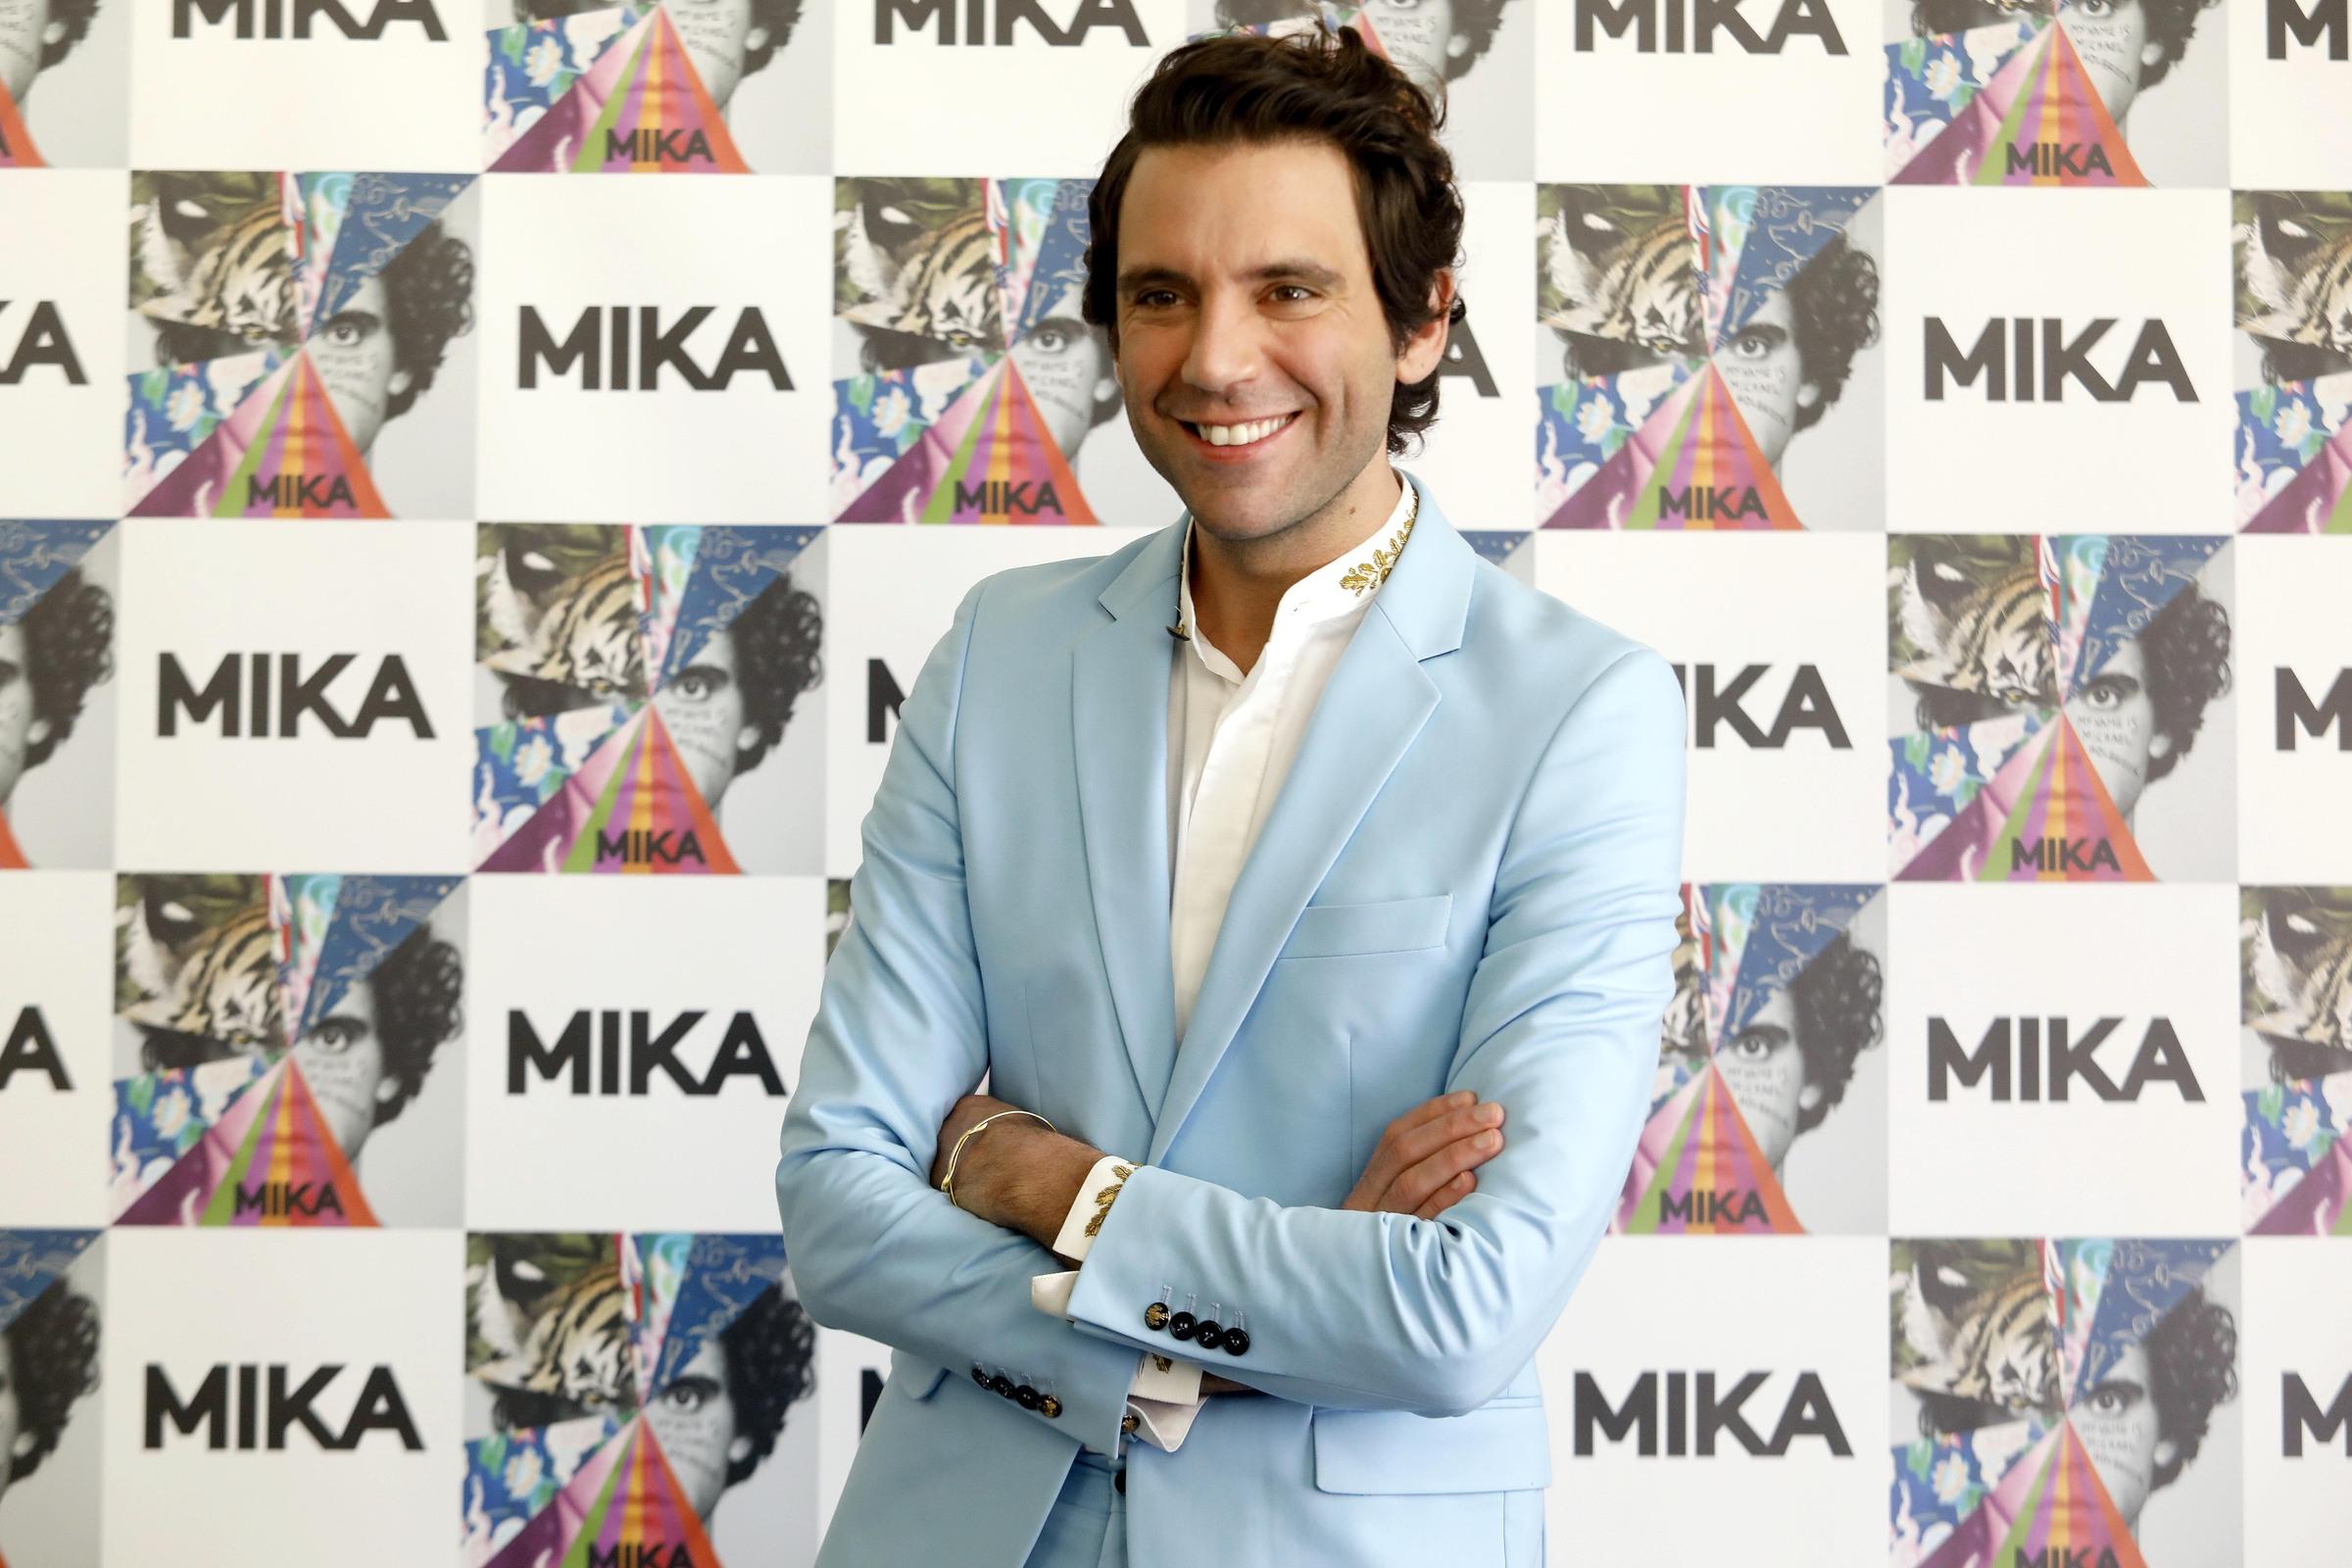 LIVE Sanremo 2020 in DIRETTA: 6 febbraio. Tosca si esalta con Piazza Grande e l'orchestra la premia! Sale Anastasio, scende Gabbani